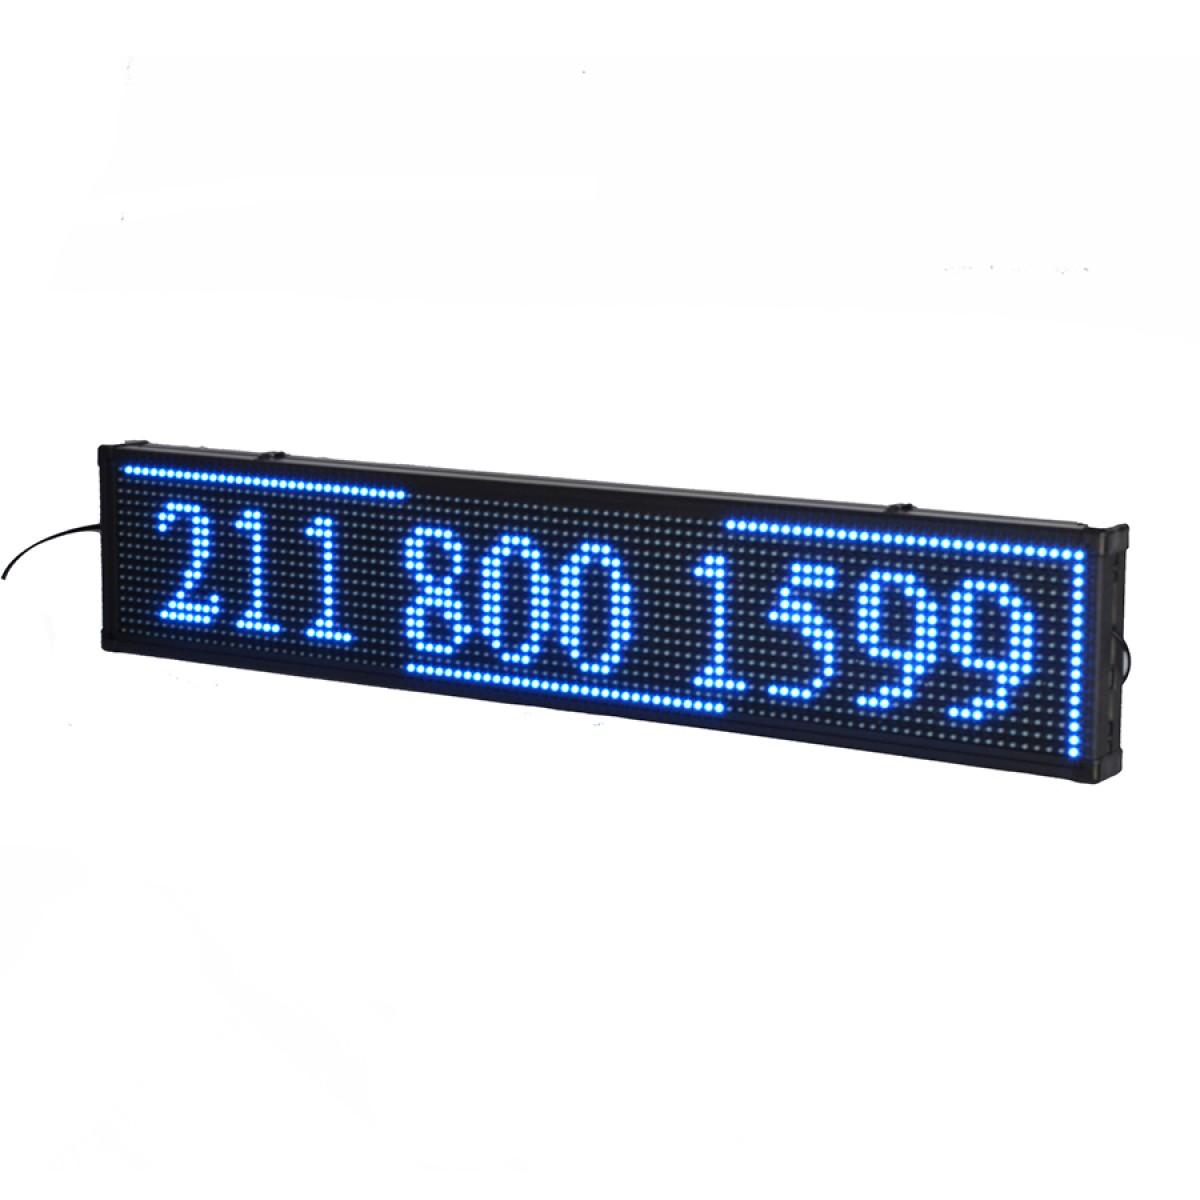 Πινακίδα LED κυλιόμενων μηνυμάτων 100x40 cm μπλέ